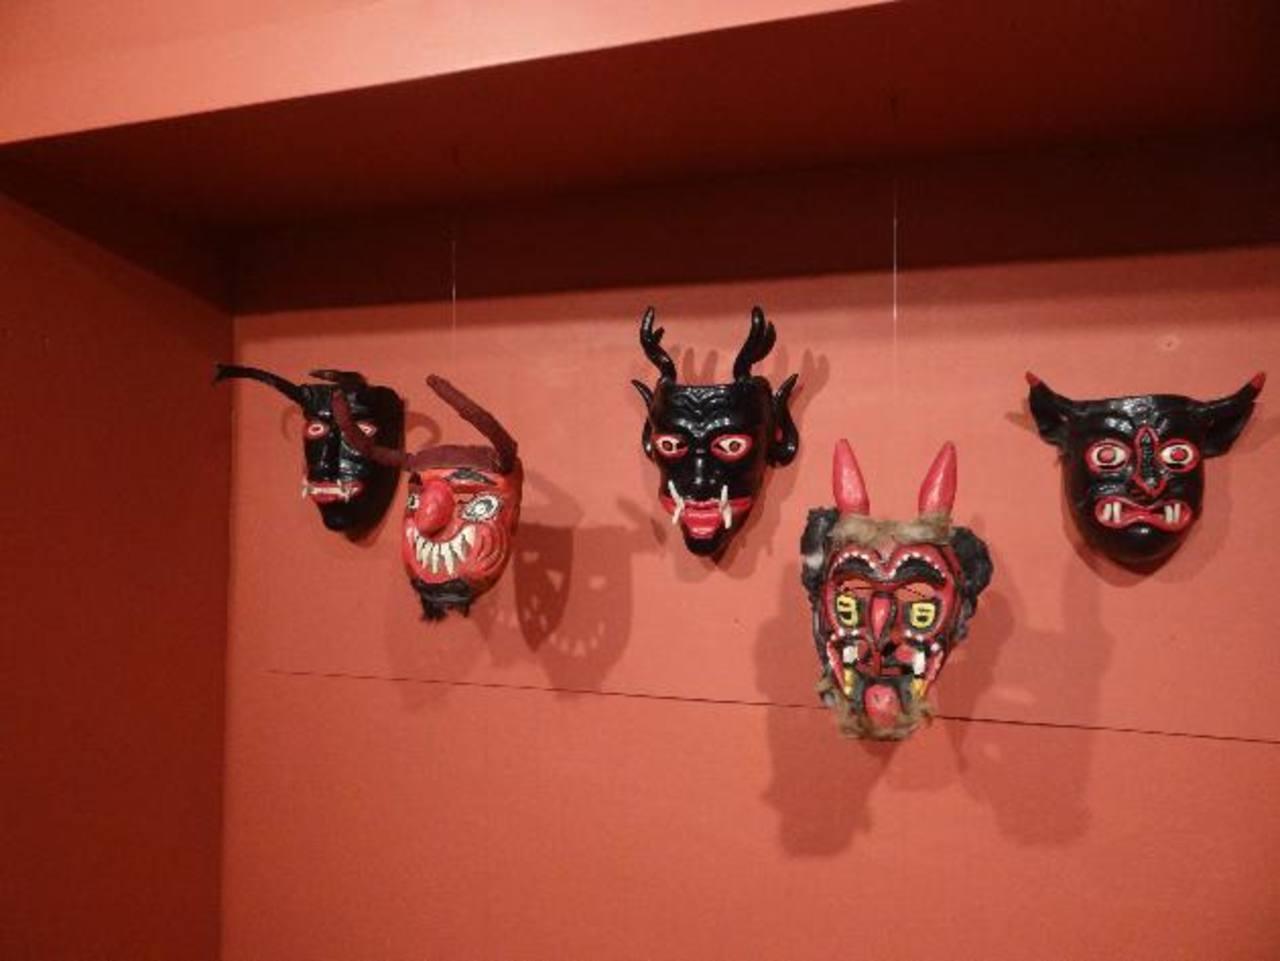 La exposición contiene una amplia muestra de máscaras talladas en madera por artistas populares.